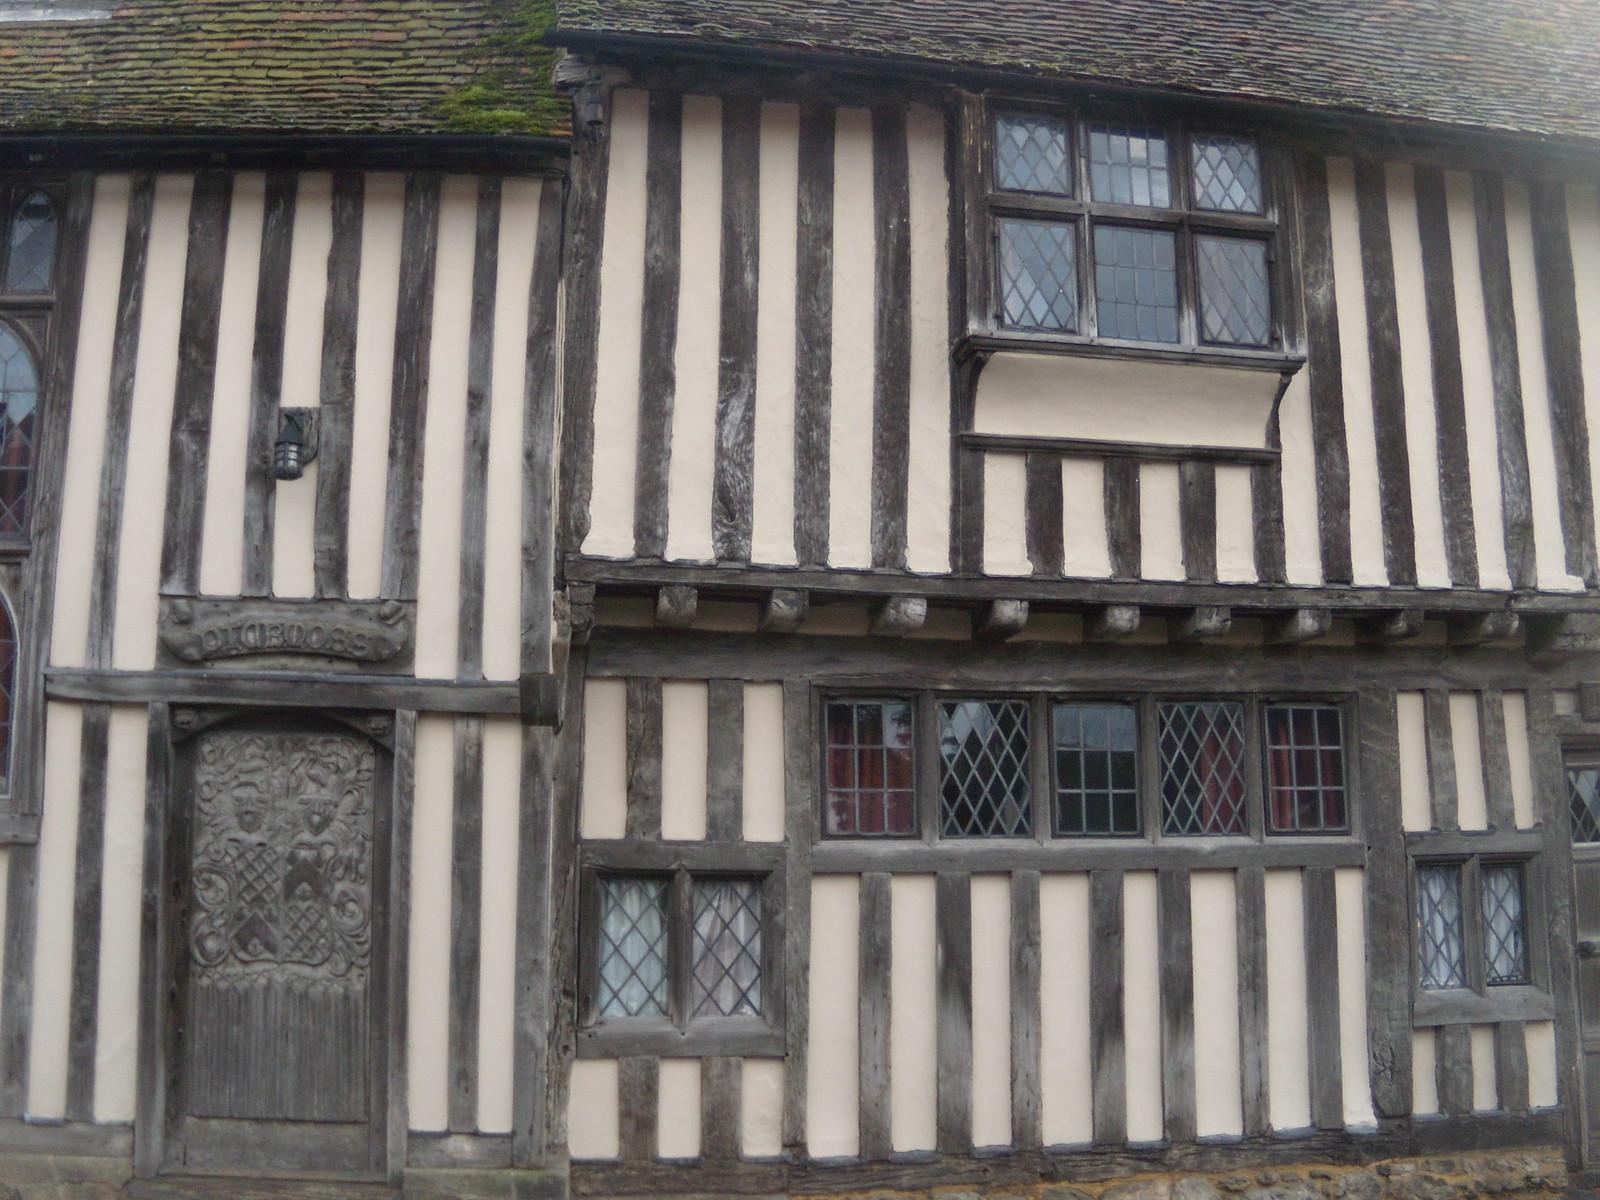 Old house, Otford Eynsford to Shoreham